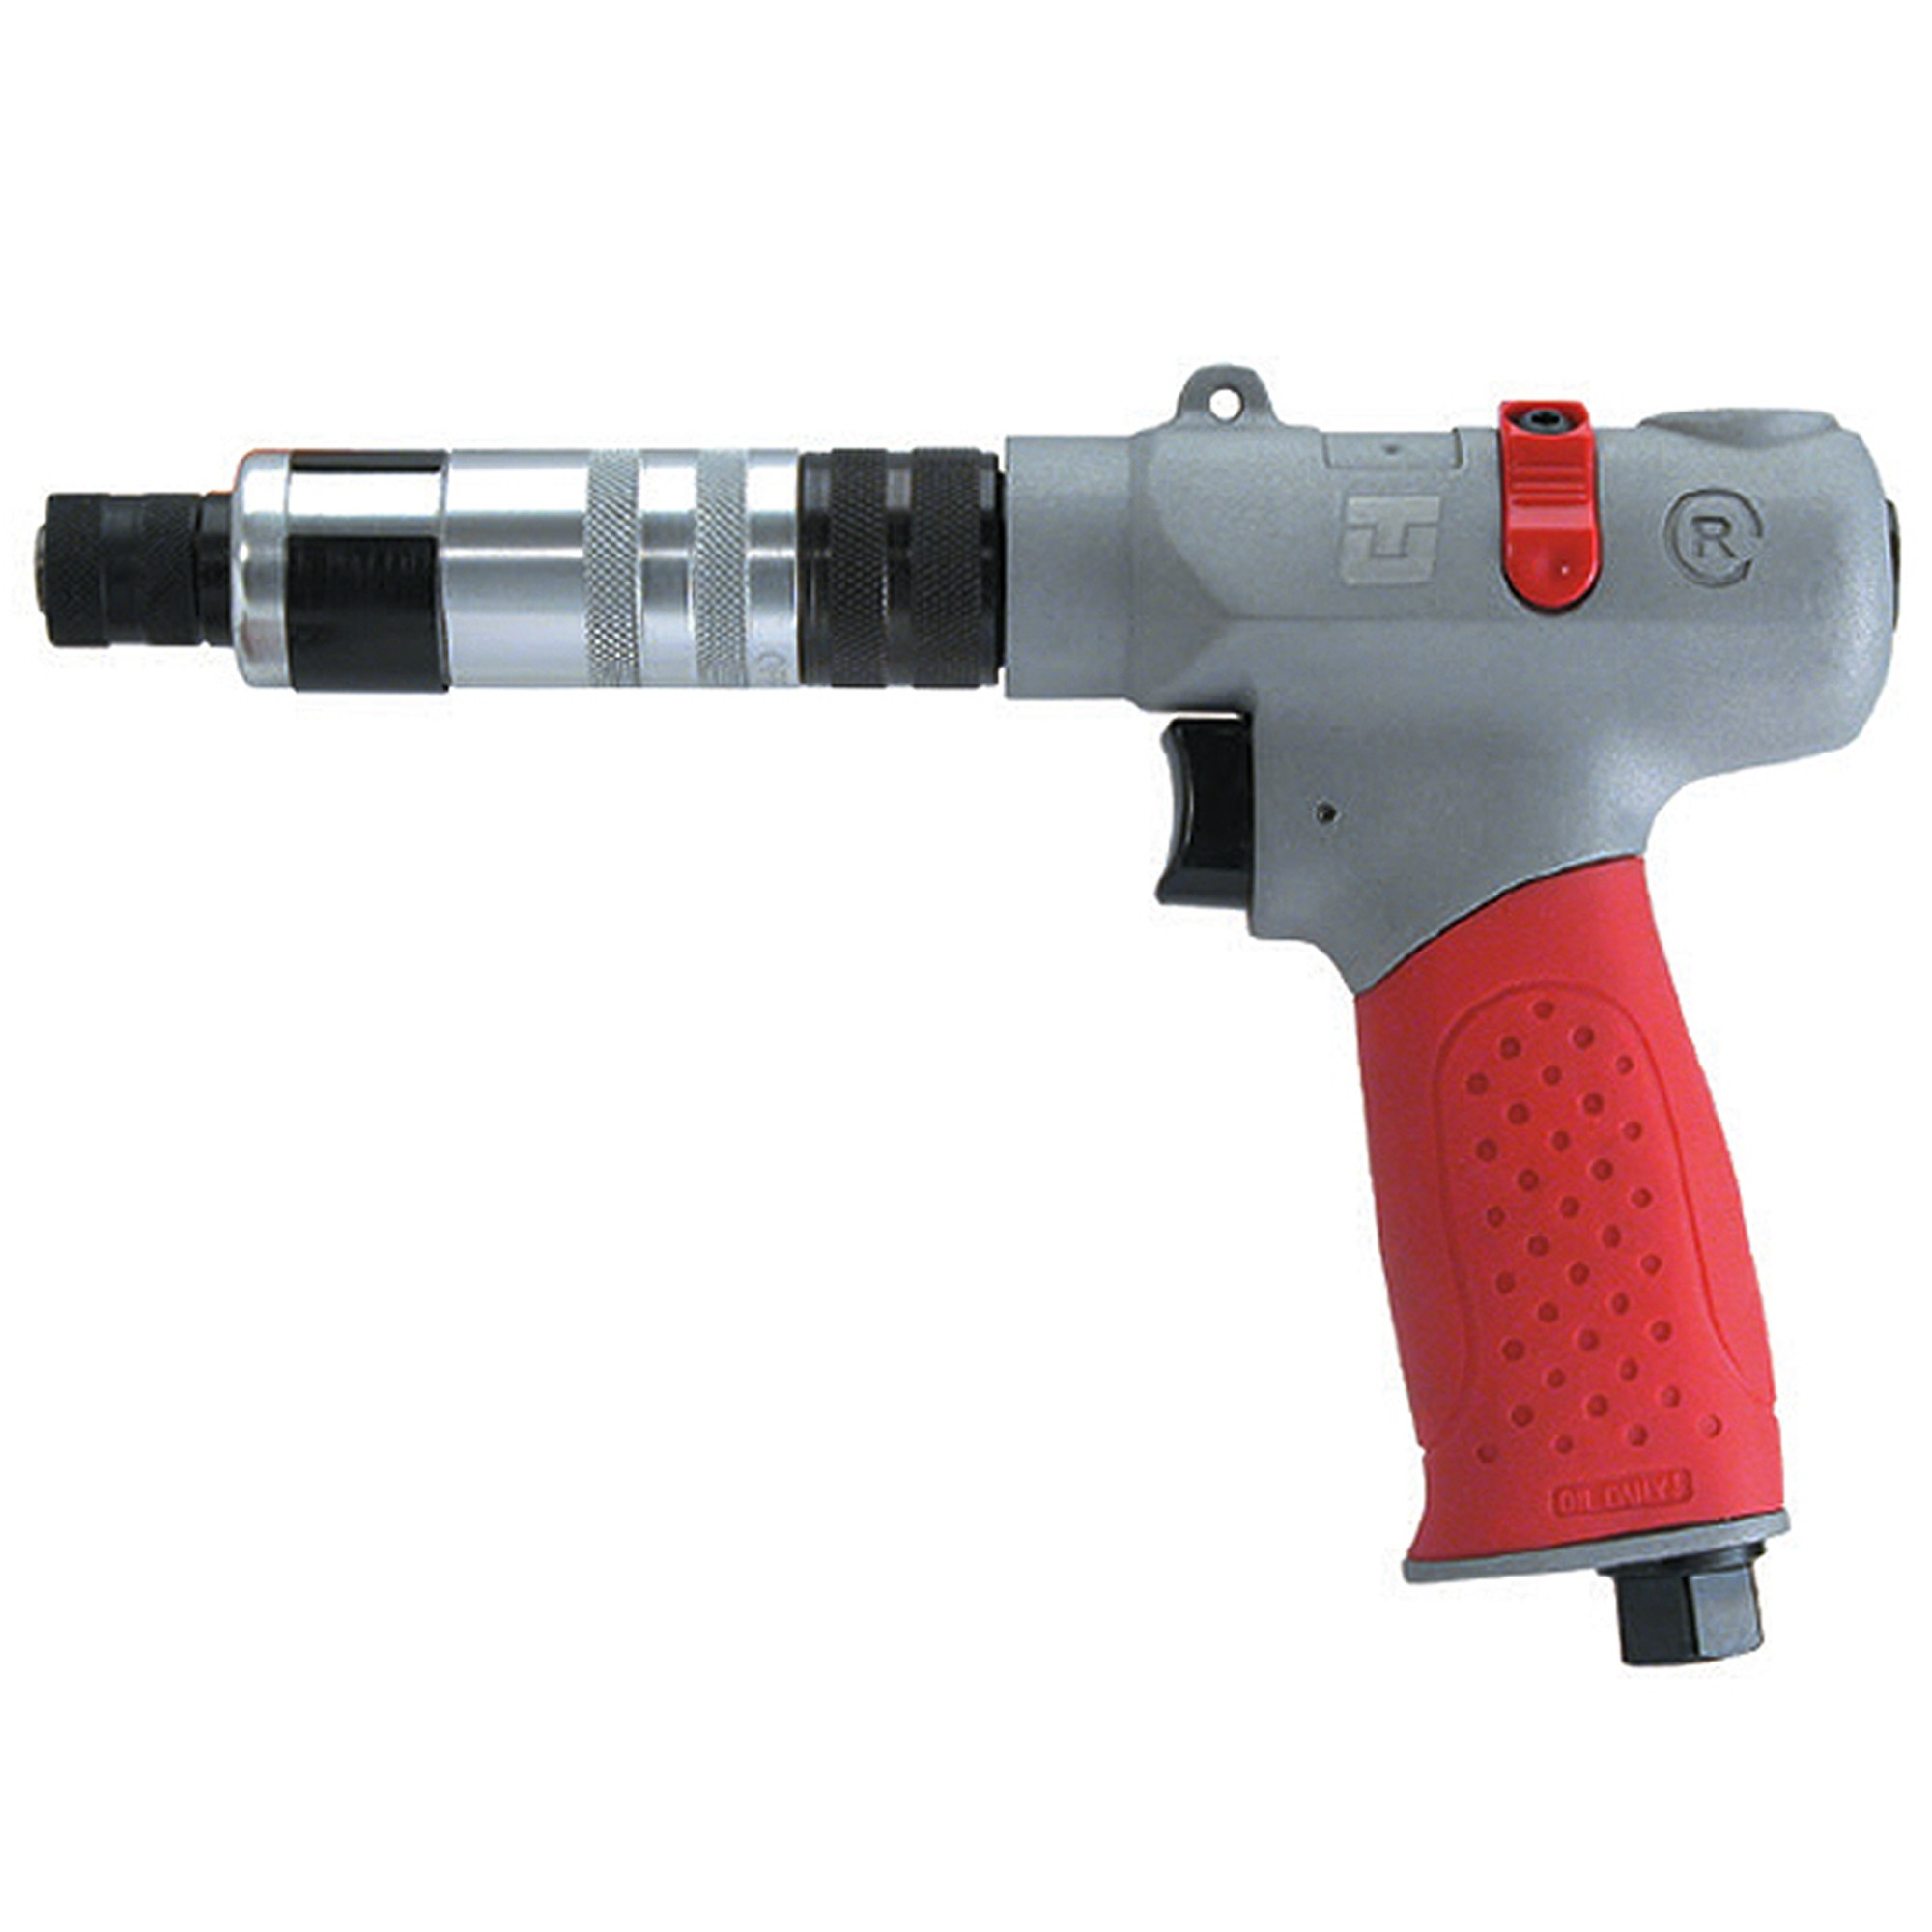 Auto Shut-off Tool Pistol